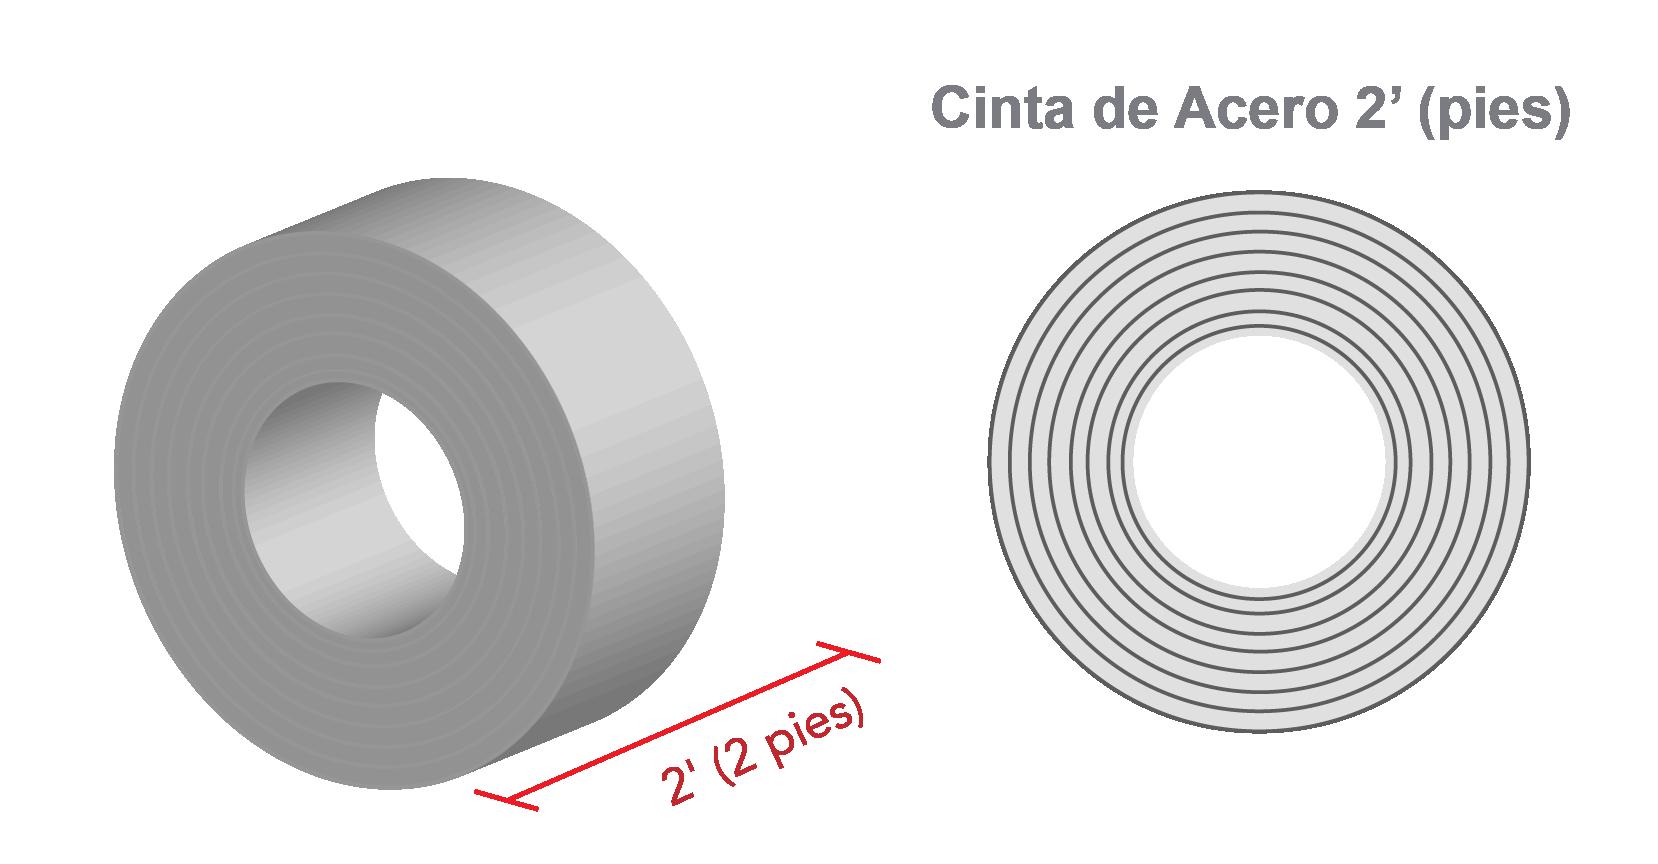 medidas-cinta-de-acero-2-pies